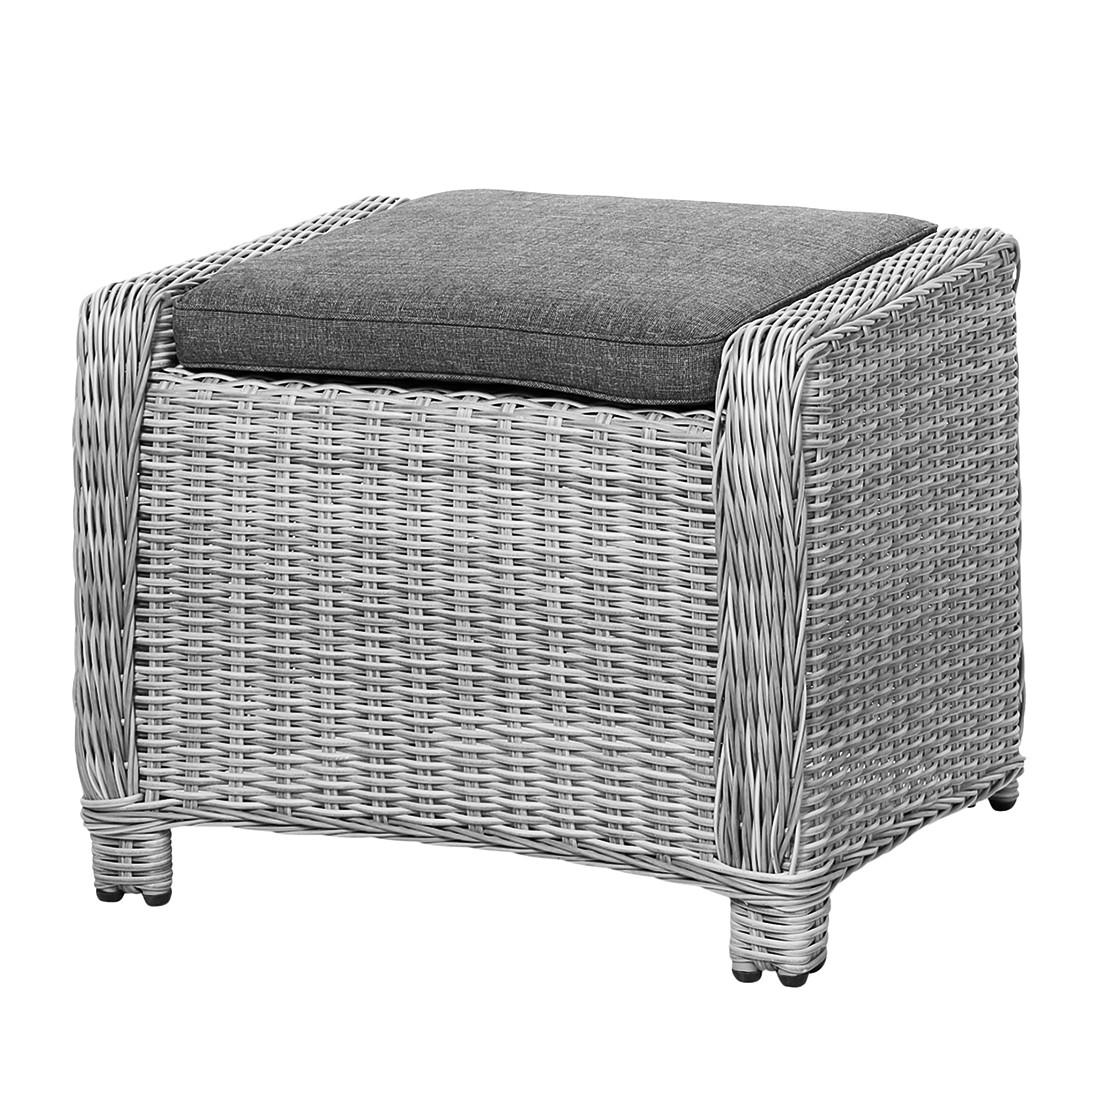 hocker sevilla polyrattan grau best freizeitm bel kaufen. Black Bedroom Furniture Sets. Home Design Ideas